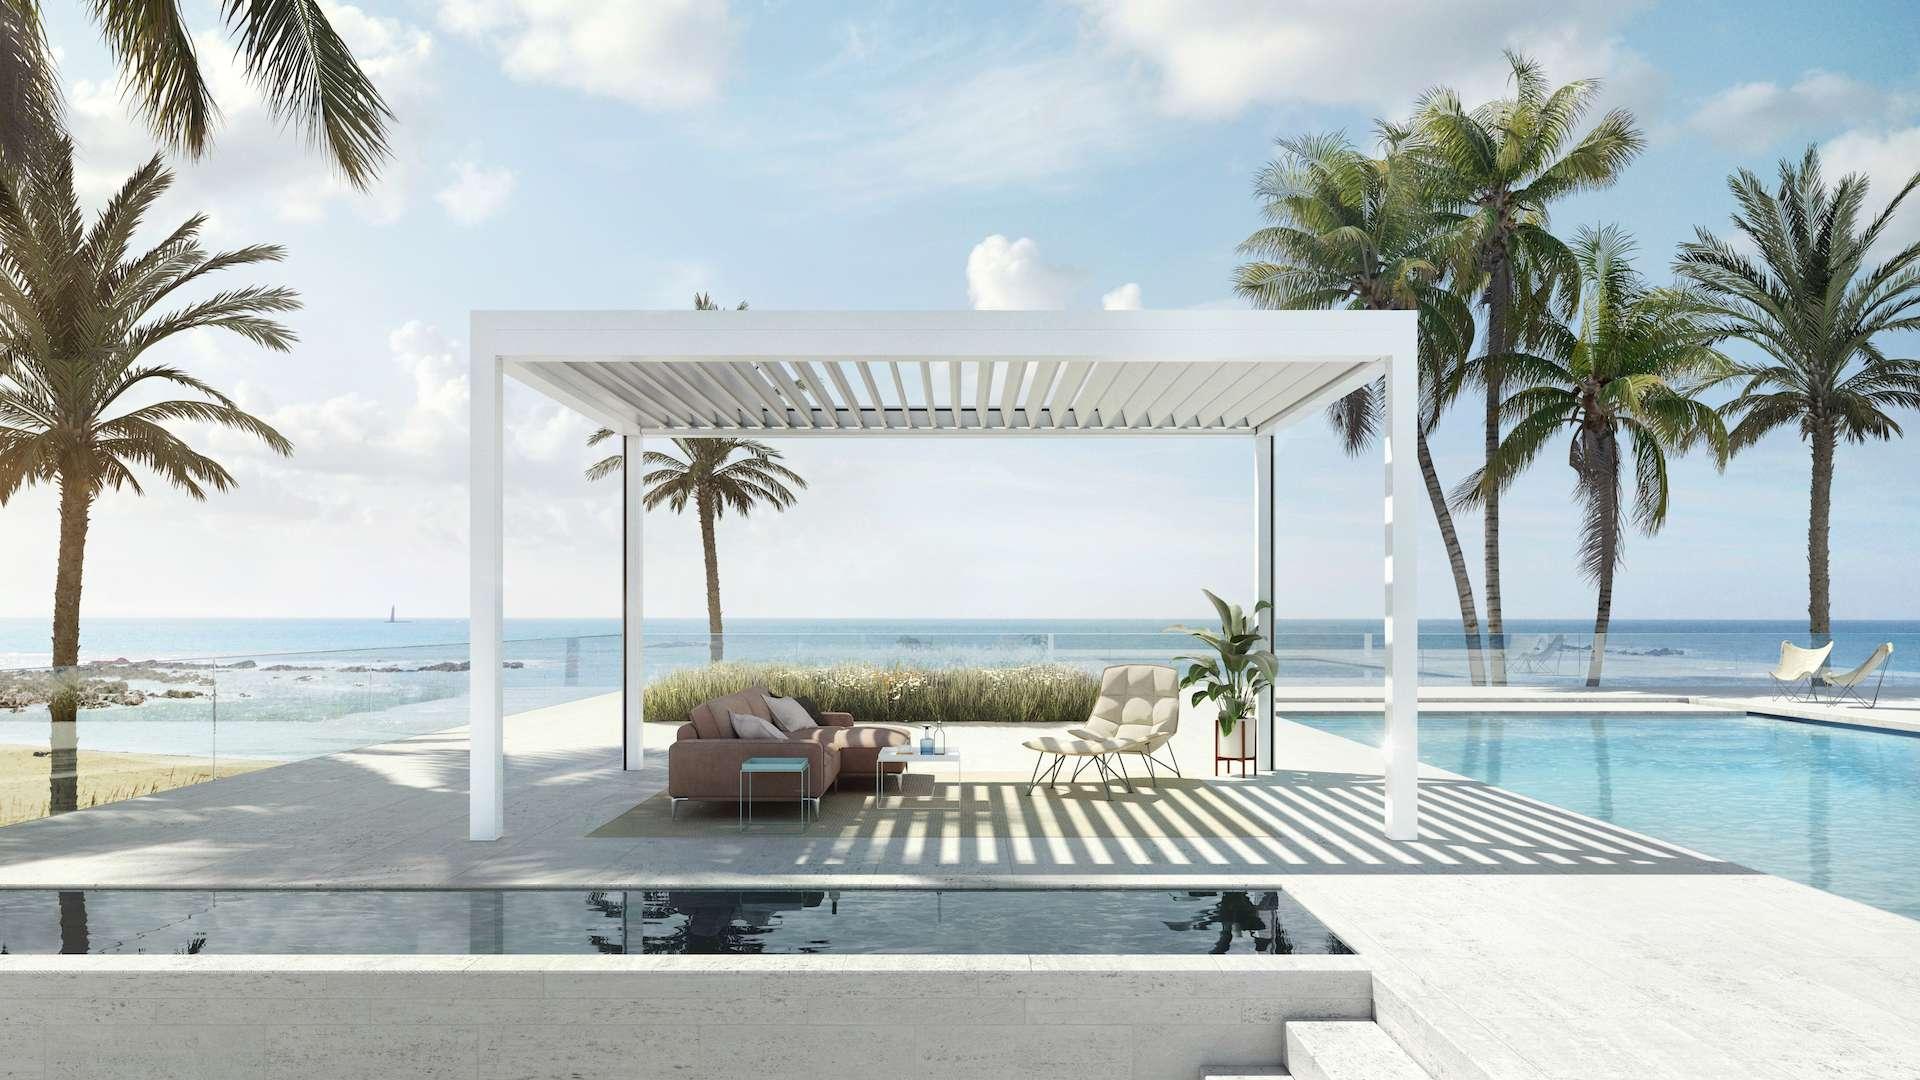 Lamellendach neben einem Pool mit Blick aufs Meer